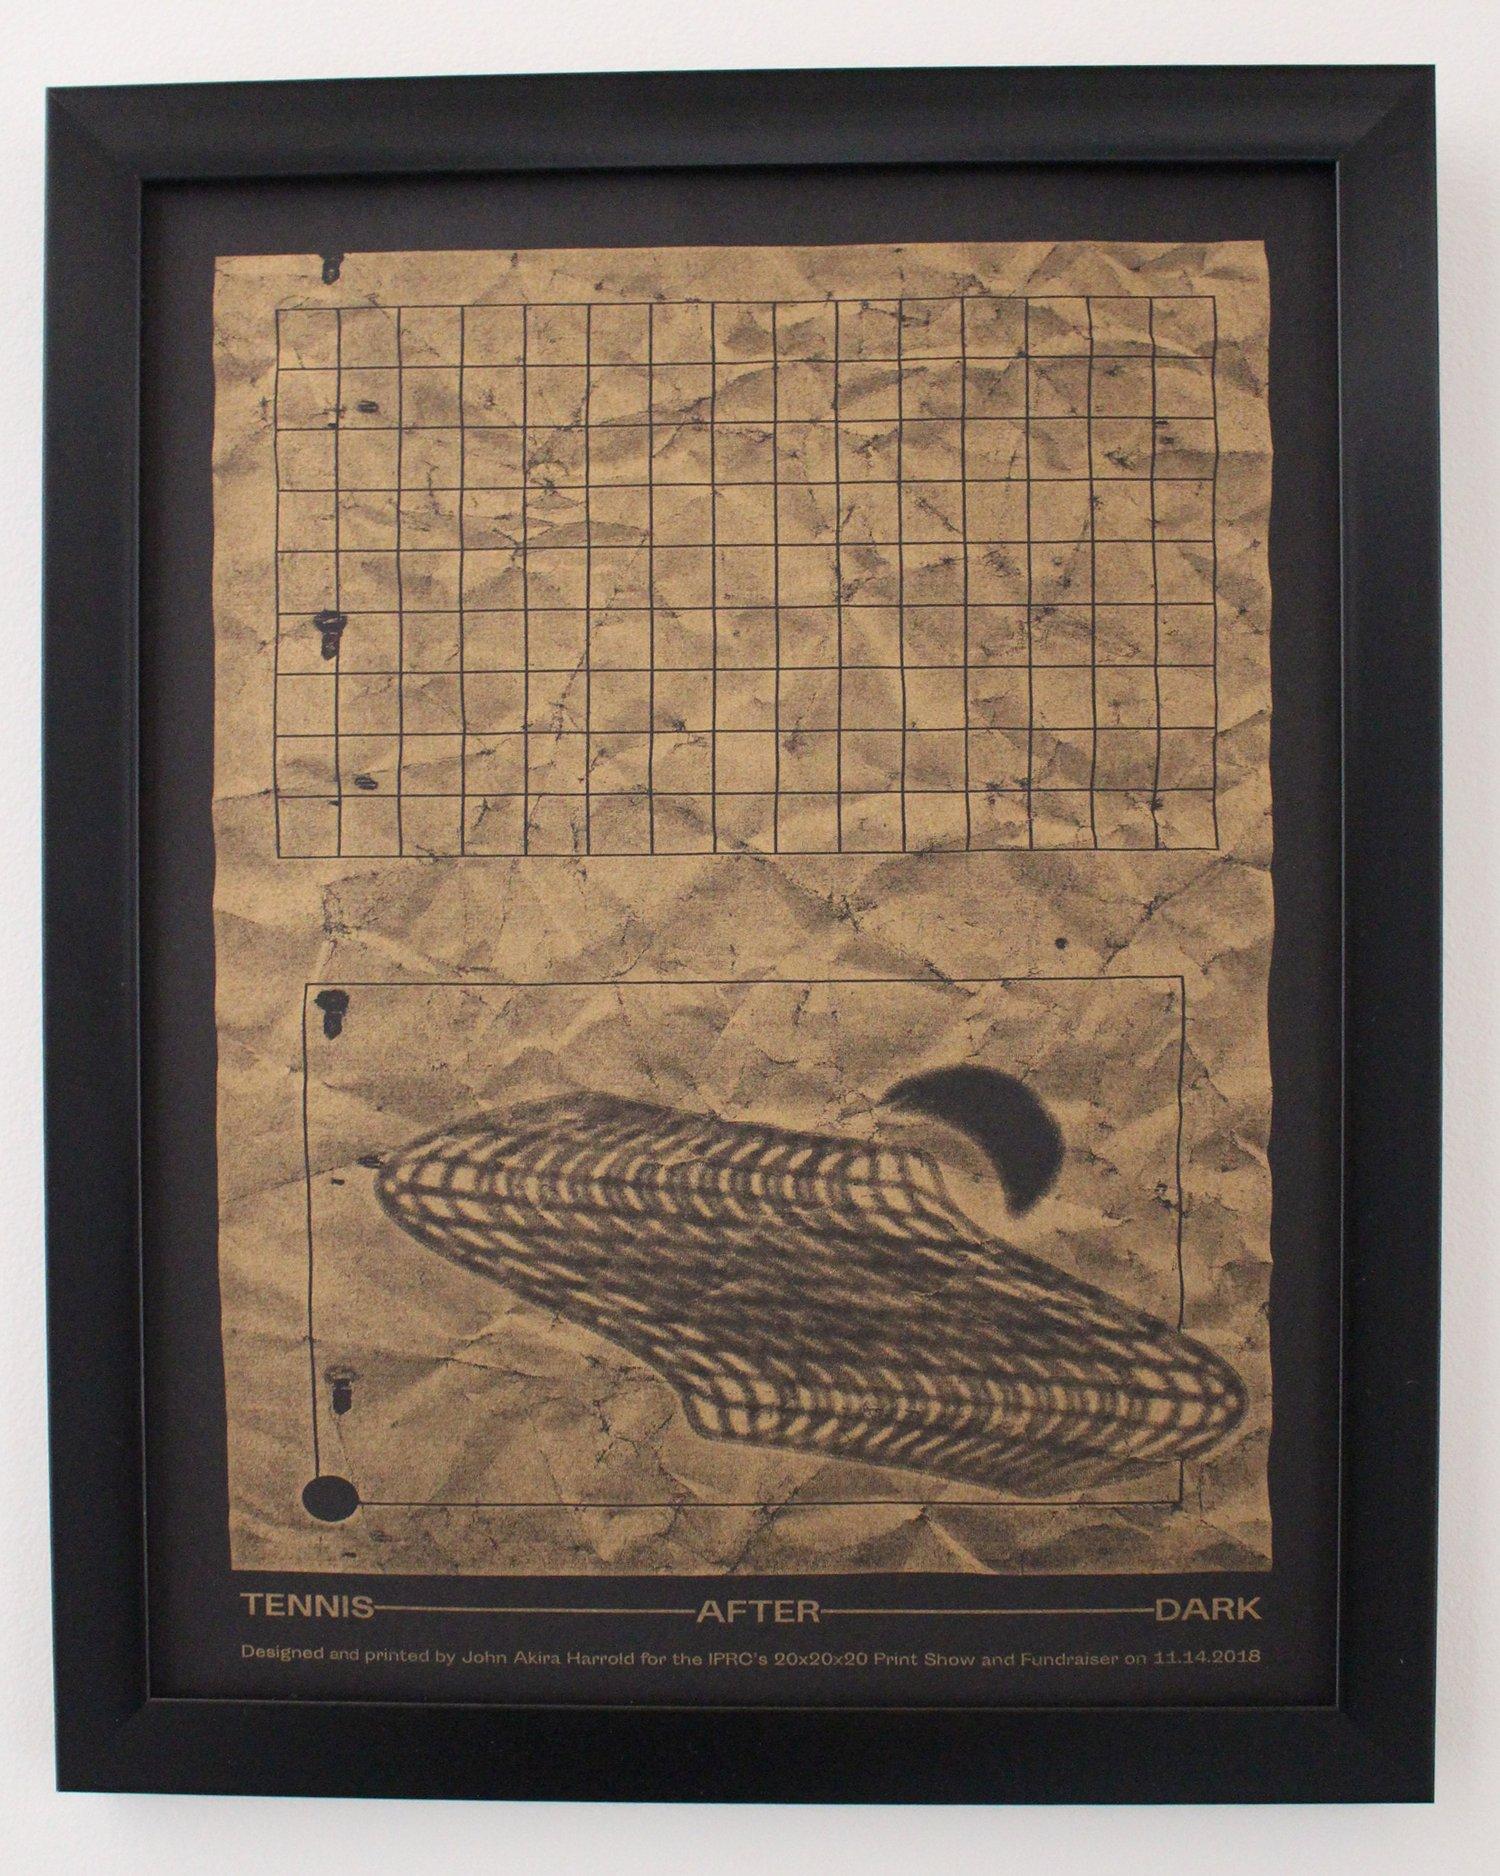 Image of John Akira Harrold print